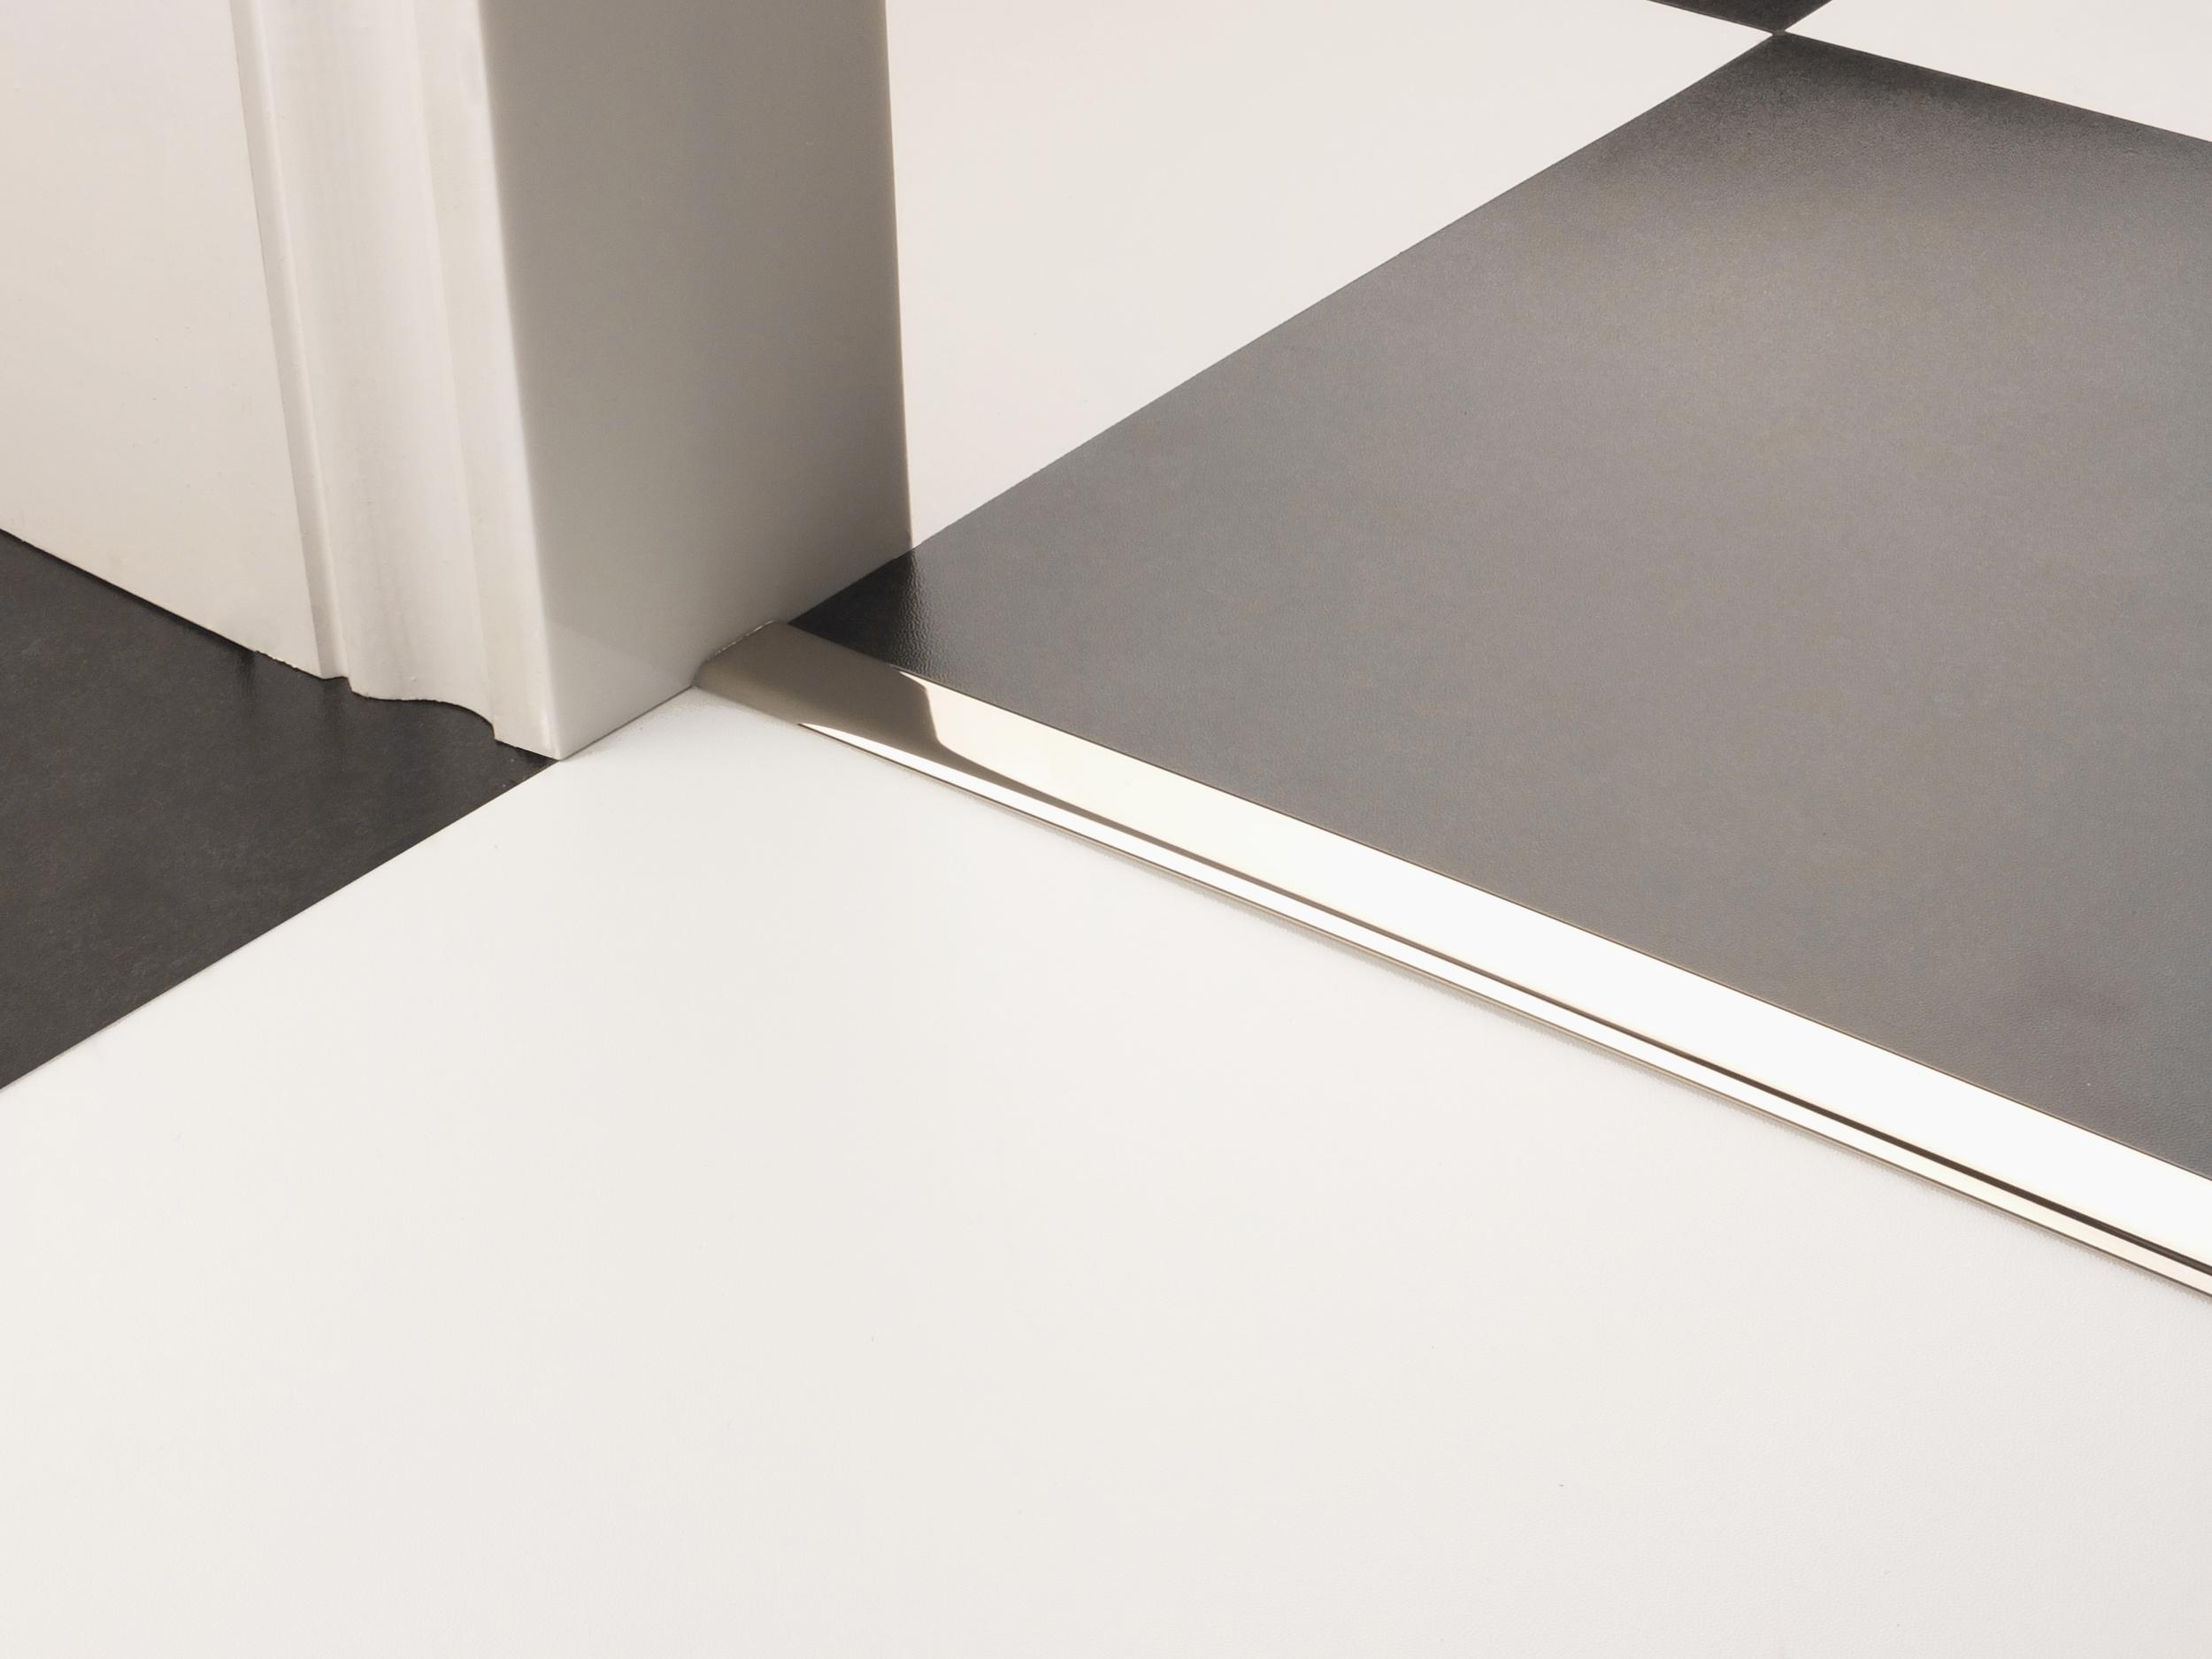 stairrods-doorbar-polished-nickel-vinyl-edge.jpg